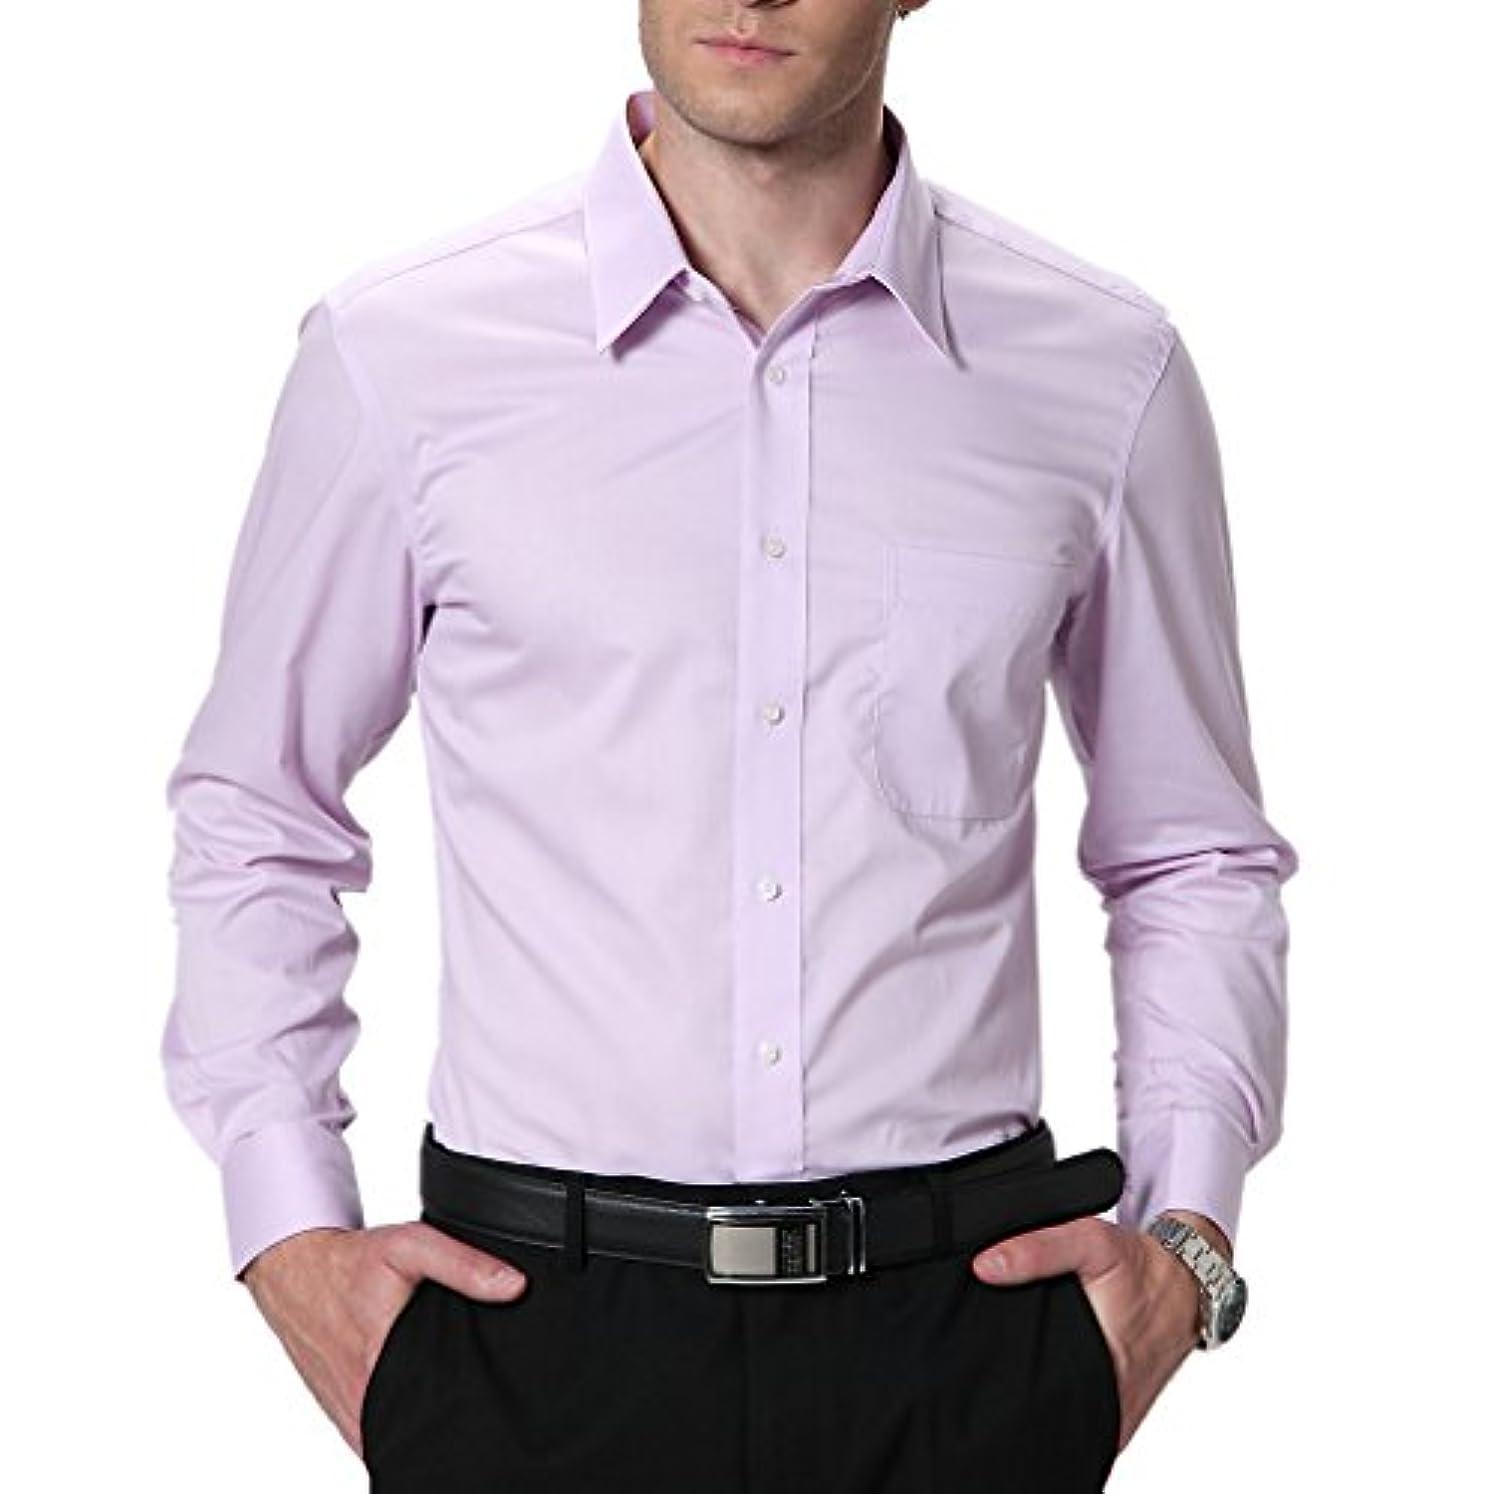 つなぐ珍しい傑出したHonghuメンズワイシャツ形態安定加工ノーアイロン耐久性も問題ないサイズもピッタリ婚冠葬祭で着れます